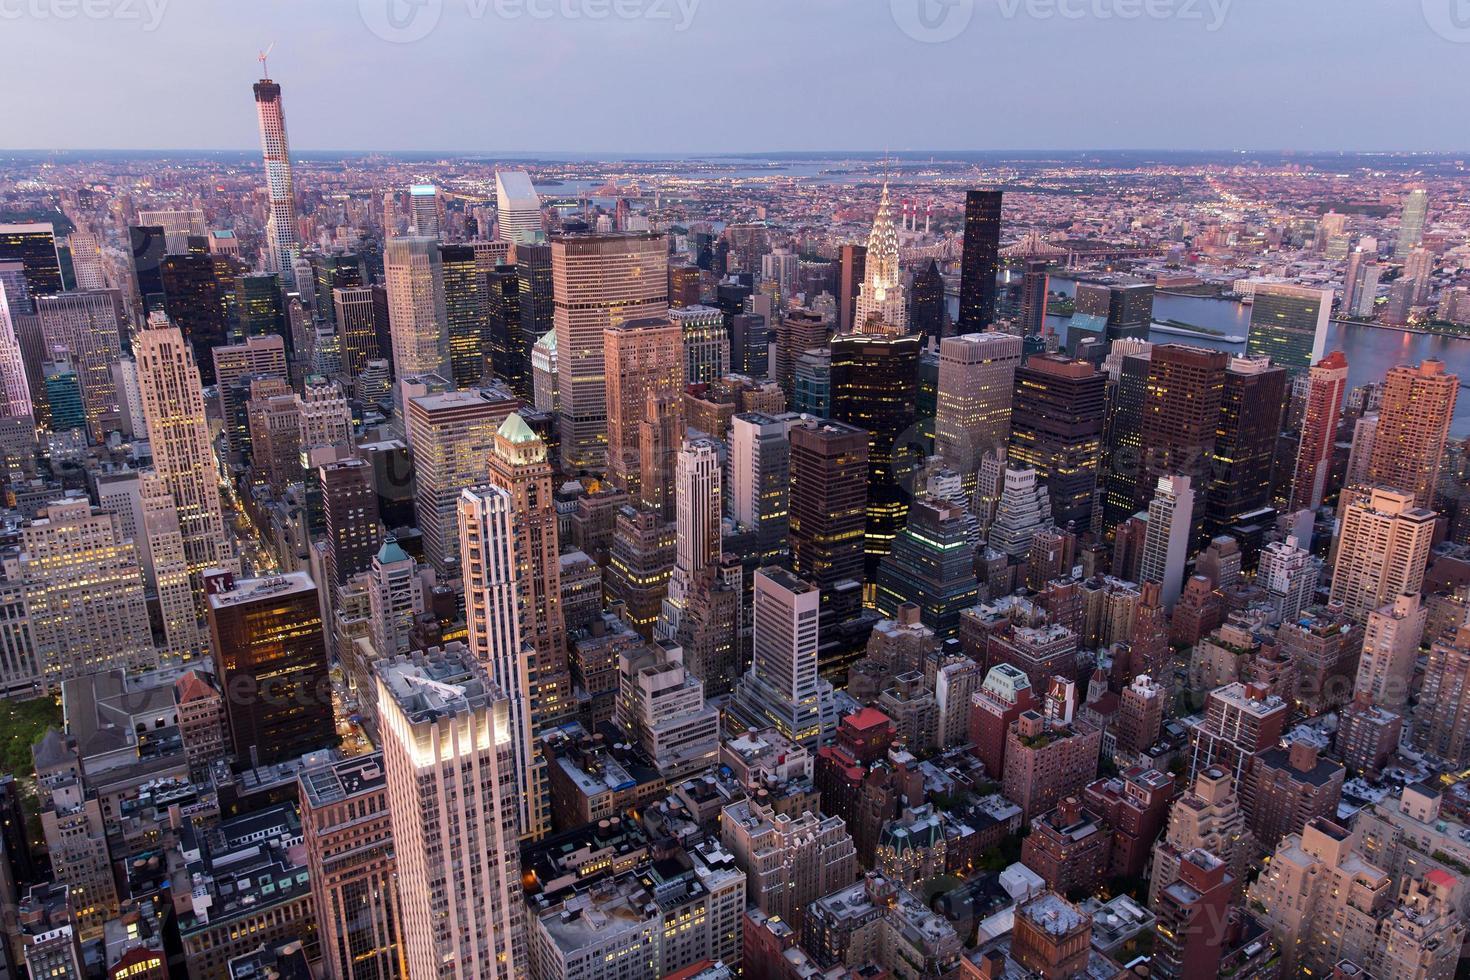 New York City con grattacieli al tramonto foto